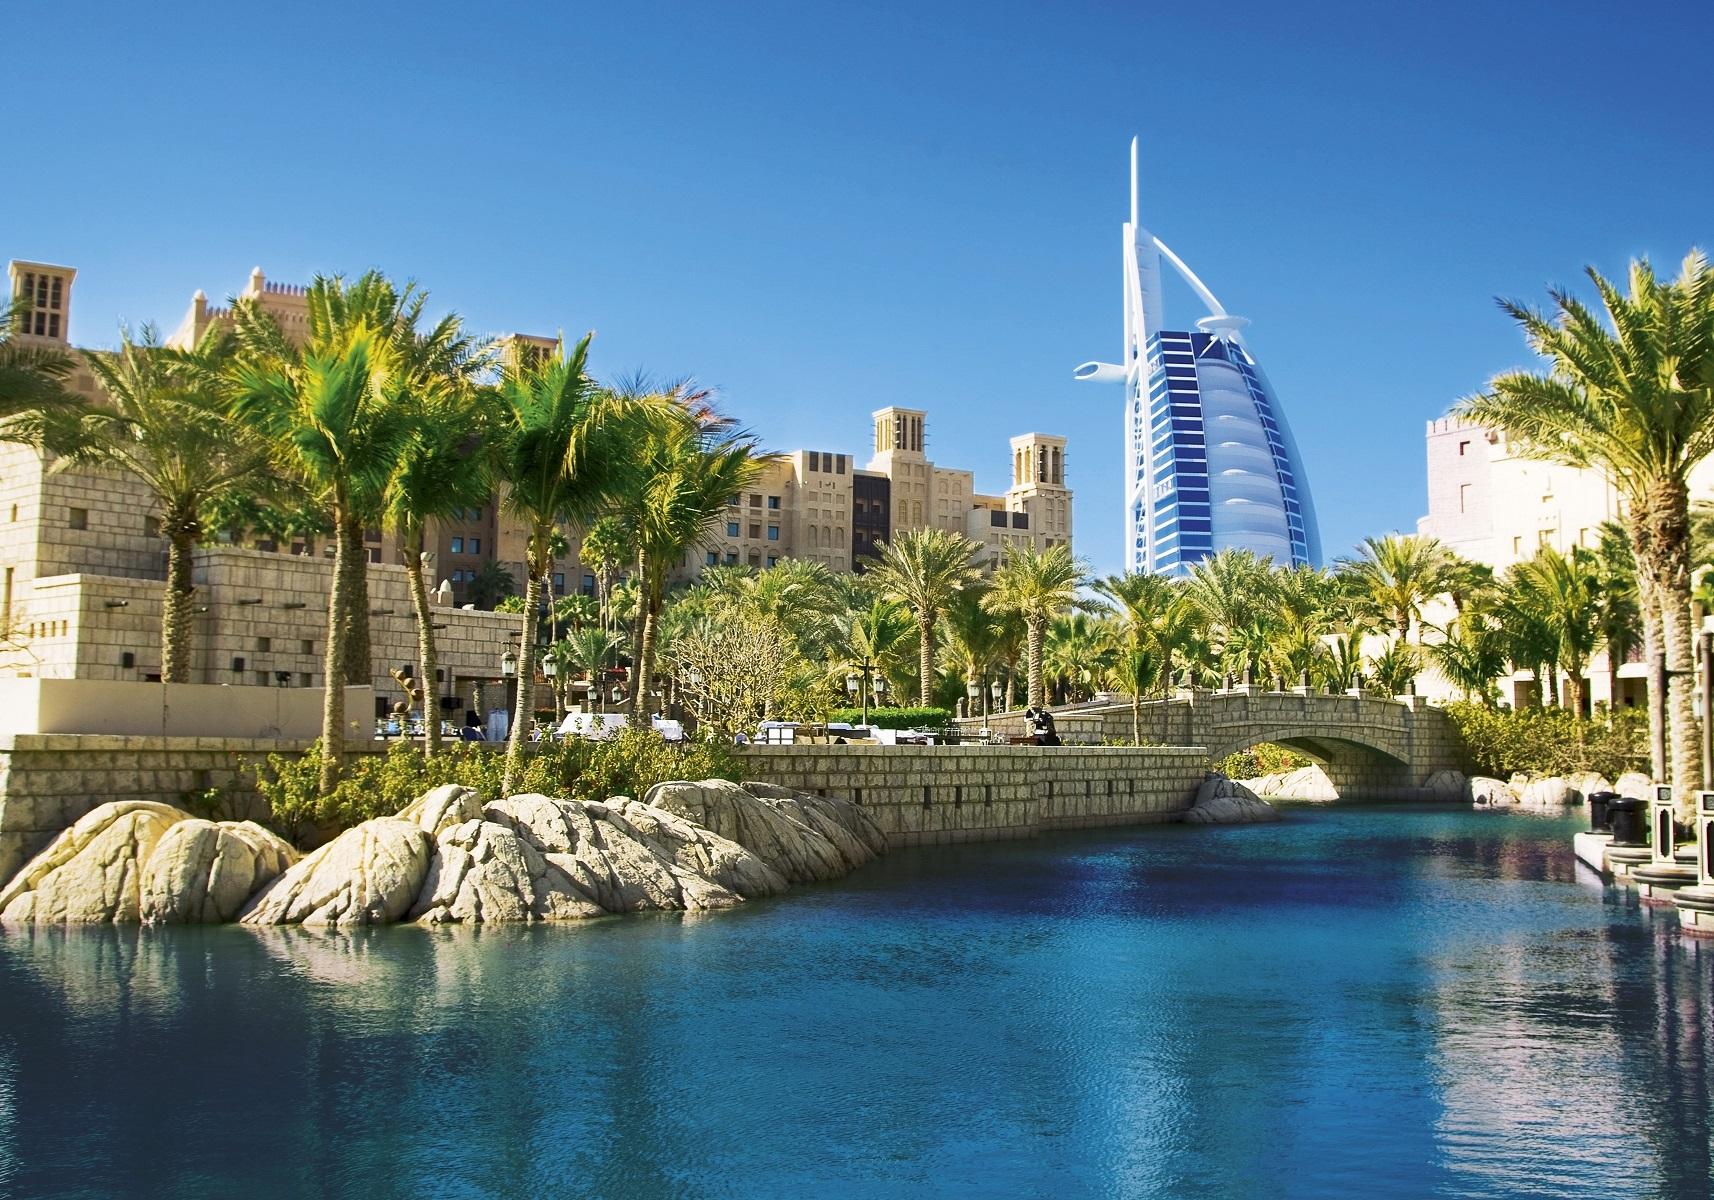 Voyages aux Emirats-Arabes-Unis, Dubaï, Abu Dhabi, circuits, séjours, autotours. Agence de voyage Les Comptoirs du Monde, pour individuels et groupes